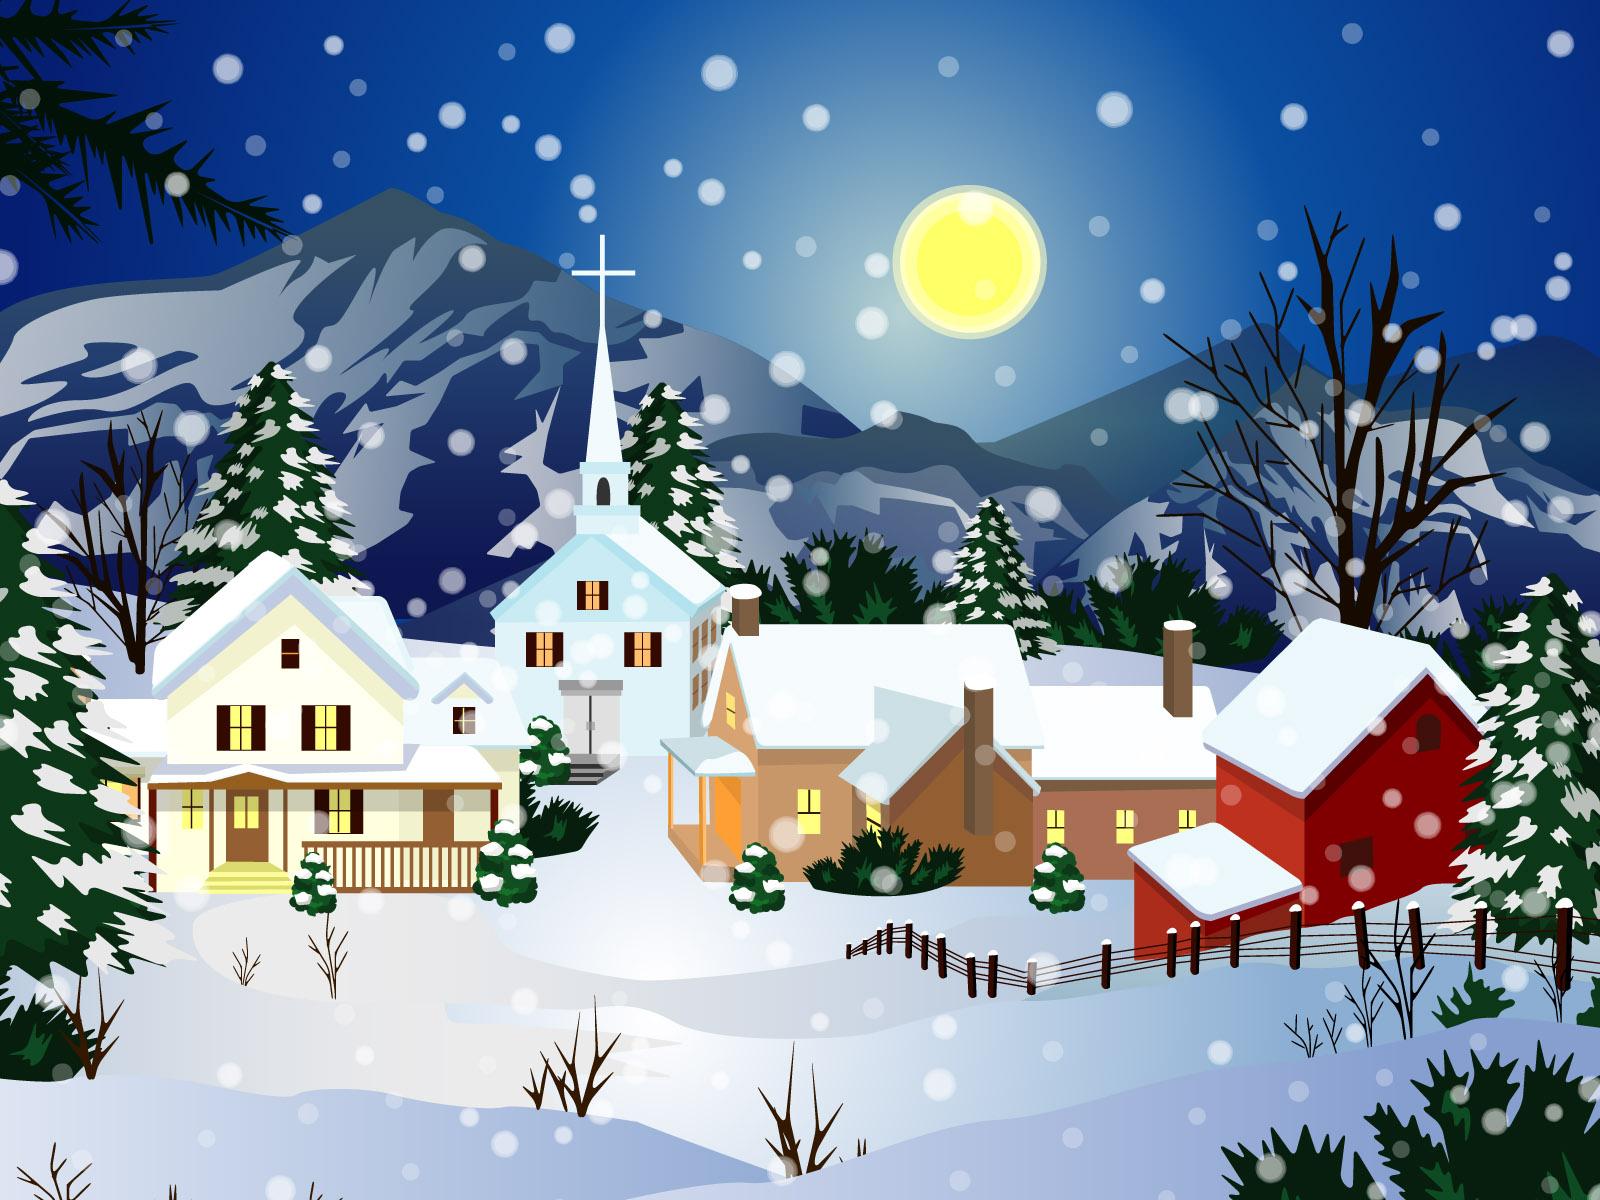 Картинки зима в городе для детей, спортсмены